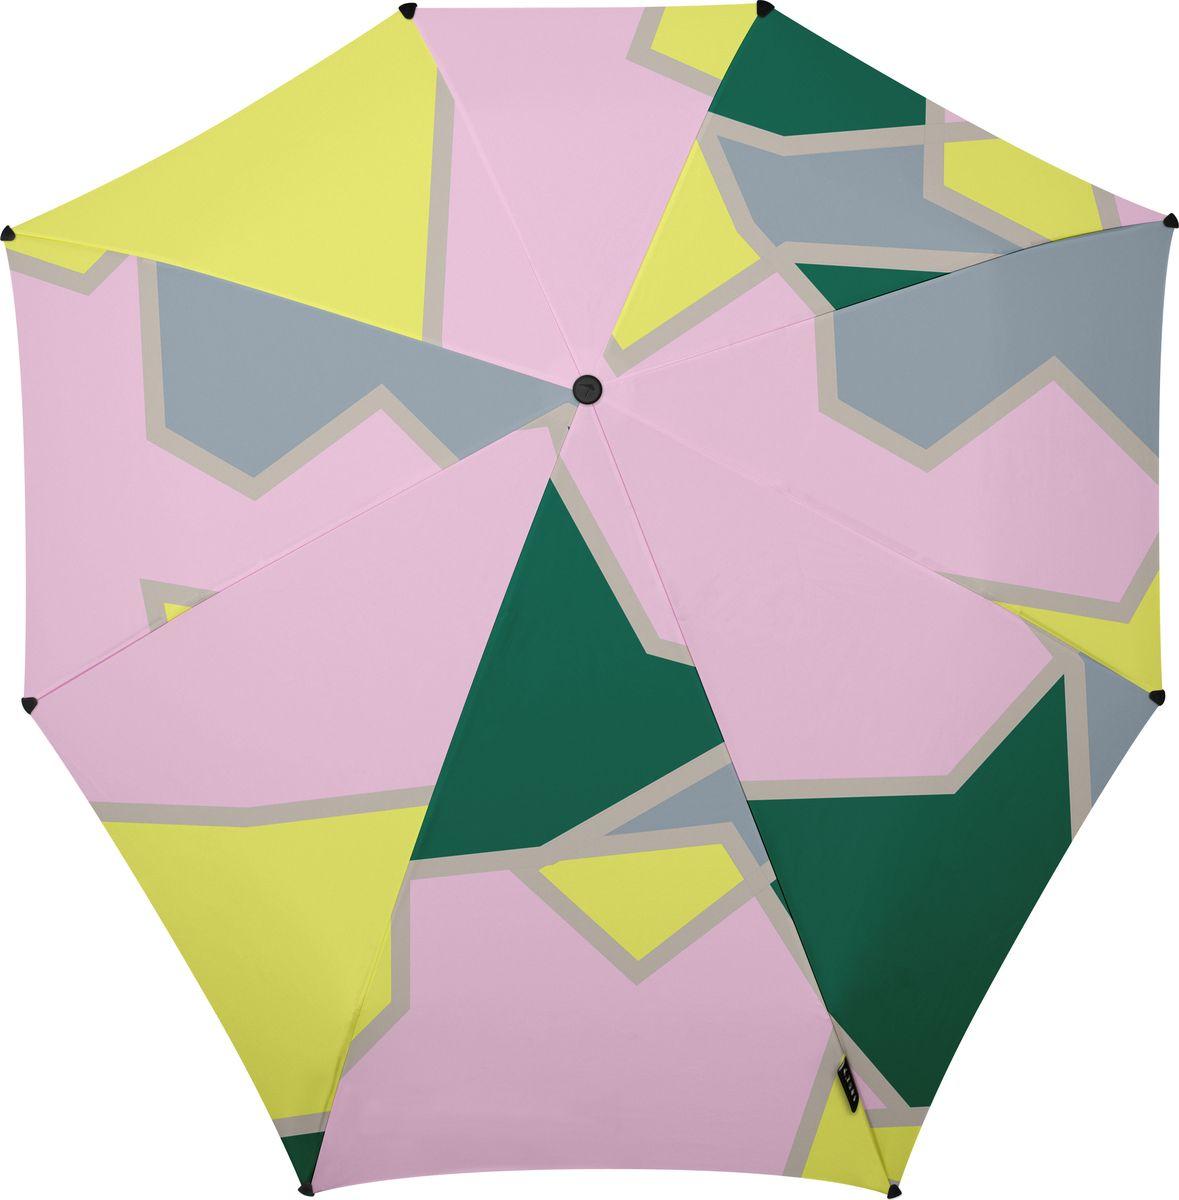 Зонт Senz, цвет: мультиколор. 10210401021040Инновационный противоштормовый зонт, выдерживающий любую непогоду. Входит в коллекцию urban breeze, разработанную в соответствии с современными течениями fashion-индустрии. Зонт Senz отлично дополнит образ, подчеркнет индивидуальность и вкус своего обладателя. Легкий, компактный и прочный он открывается и закрывается нажатием на кнопку. Закрывает спину от дождя, а благодаря своей усовершенствованной конструкции, зонт не выворачивается наизнанку даже при сильном ветре. Модель Senz automatic выдержала испытания в аэротрубе со скоростью ветра 80 км/ч. - тип — автомат - три сложения - выдерживает порывы ветра до 80 км/ч - УФ-защита 50+ - эргономичная ручка - безопасные колпачки на кончиках спиц - в комплекте плотный чехол - гарантия 2 года